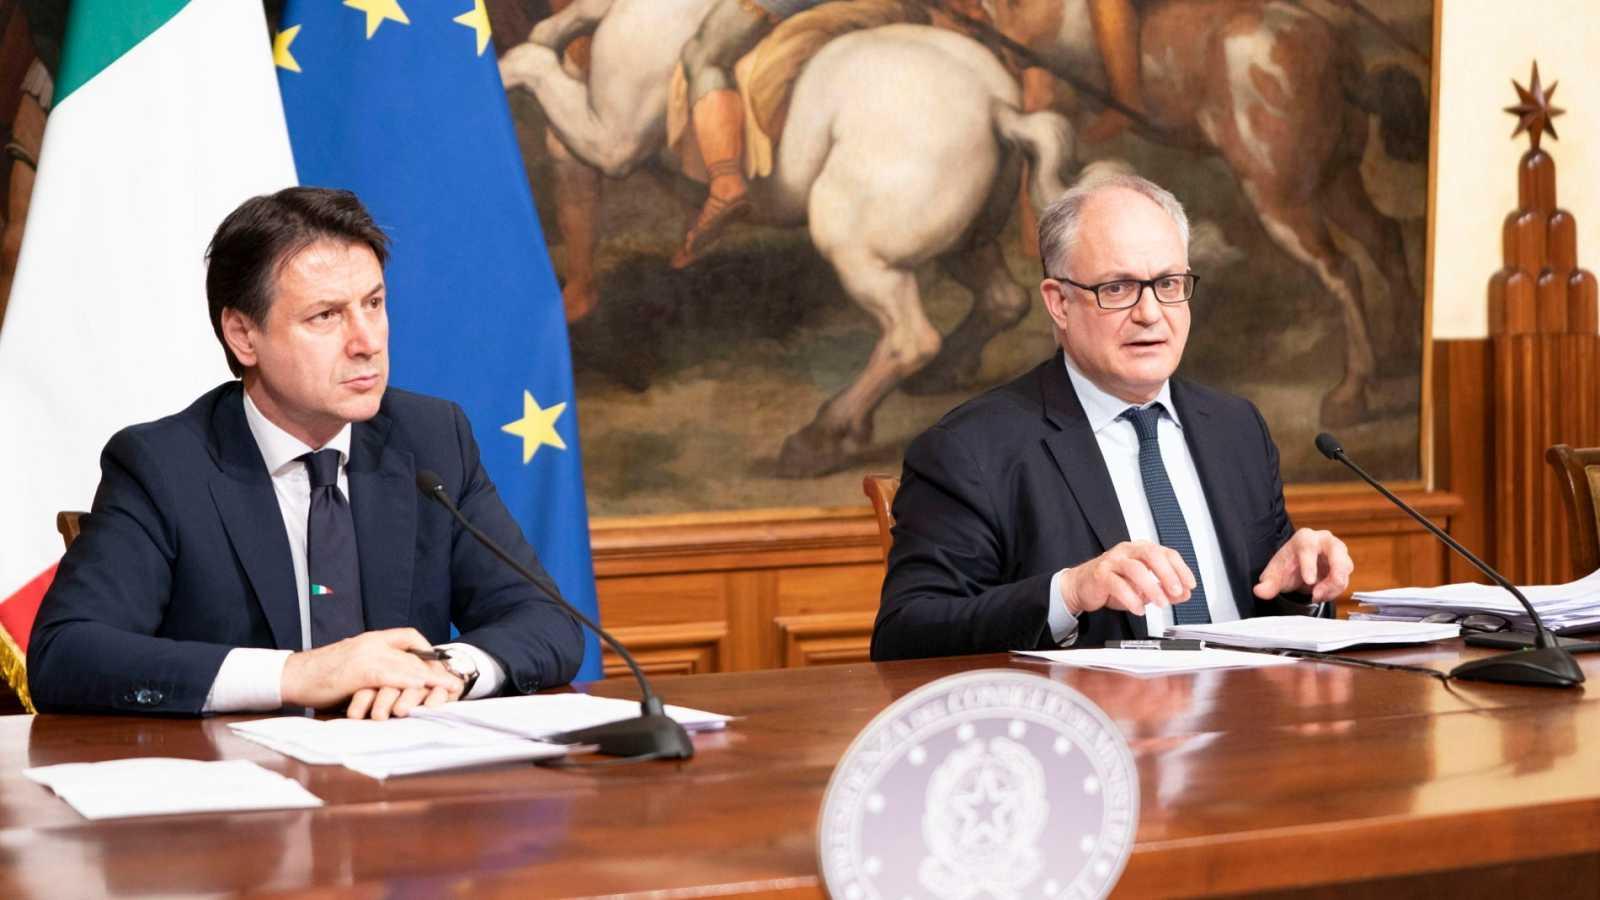 El primer ministro italiano, Giuseppe Conte, junto a su ministro de Economía Roberto Gualteri